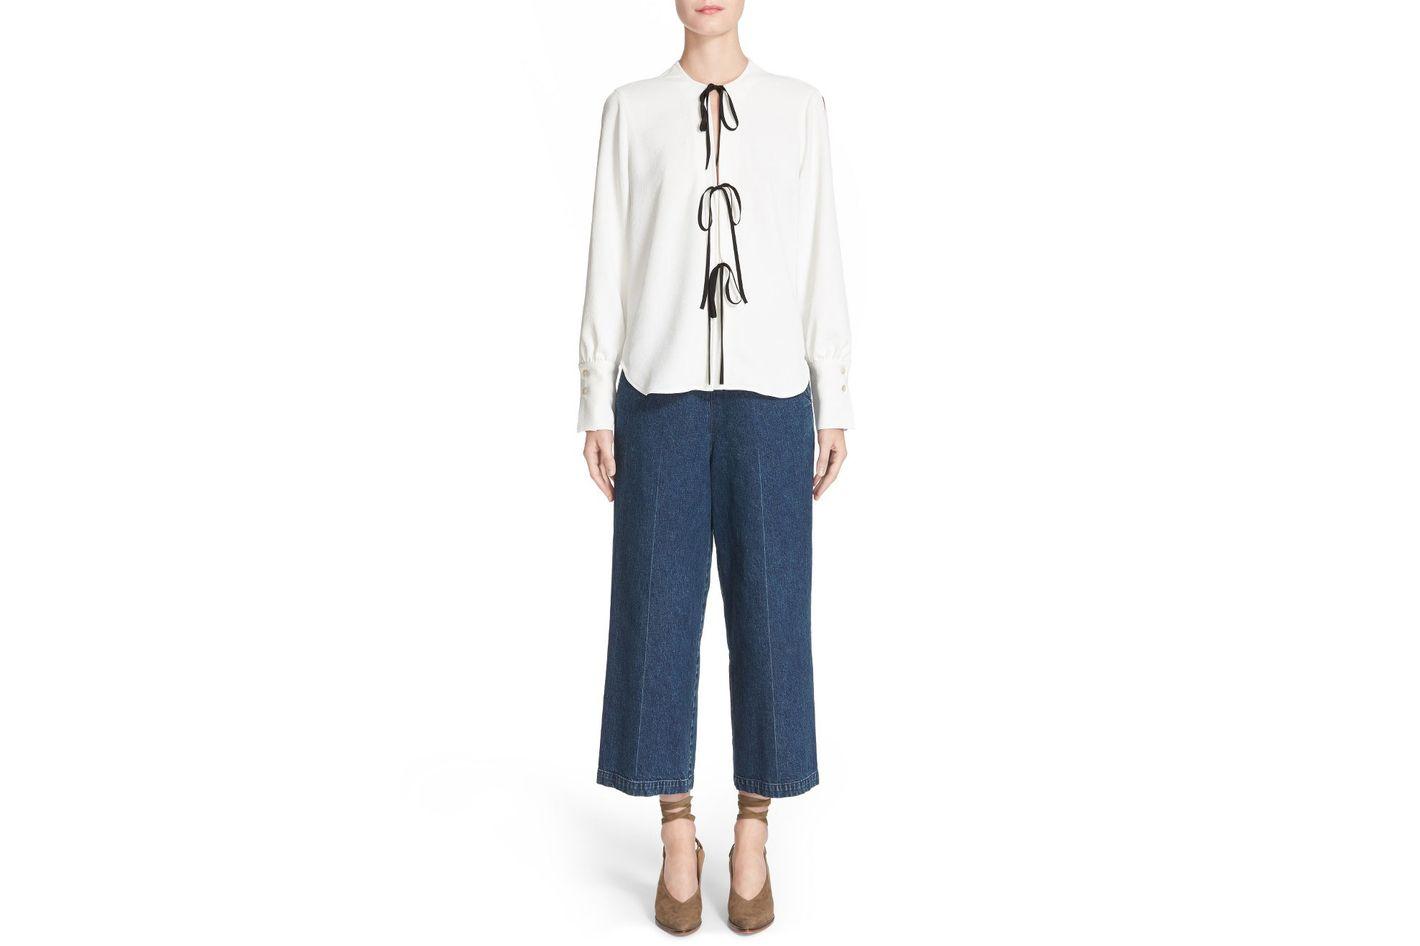 Rachel Comey Limber High Waist Crop Straight Leg Jeans